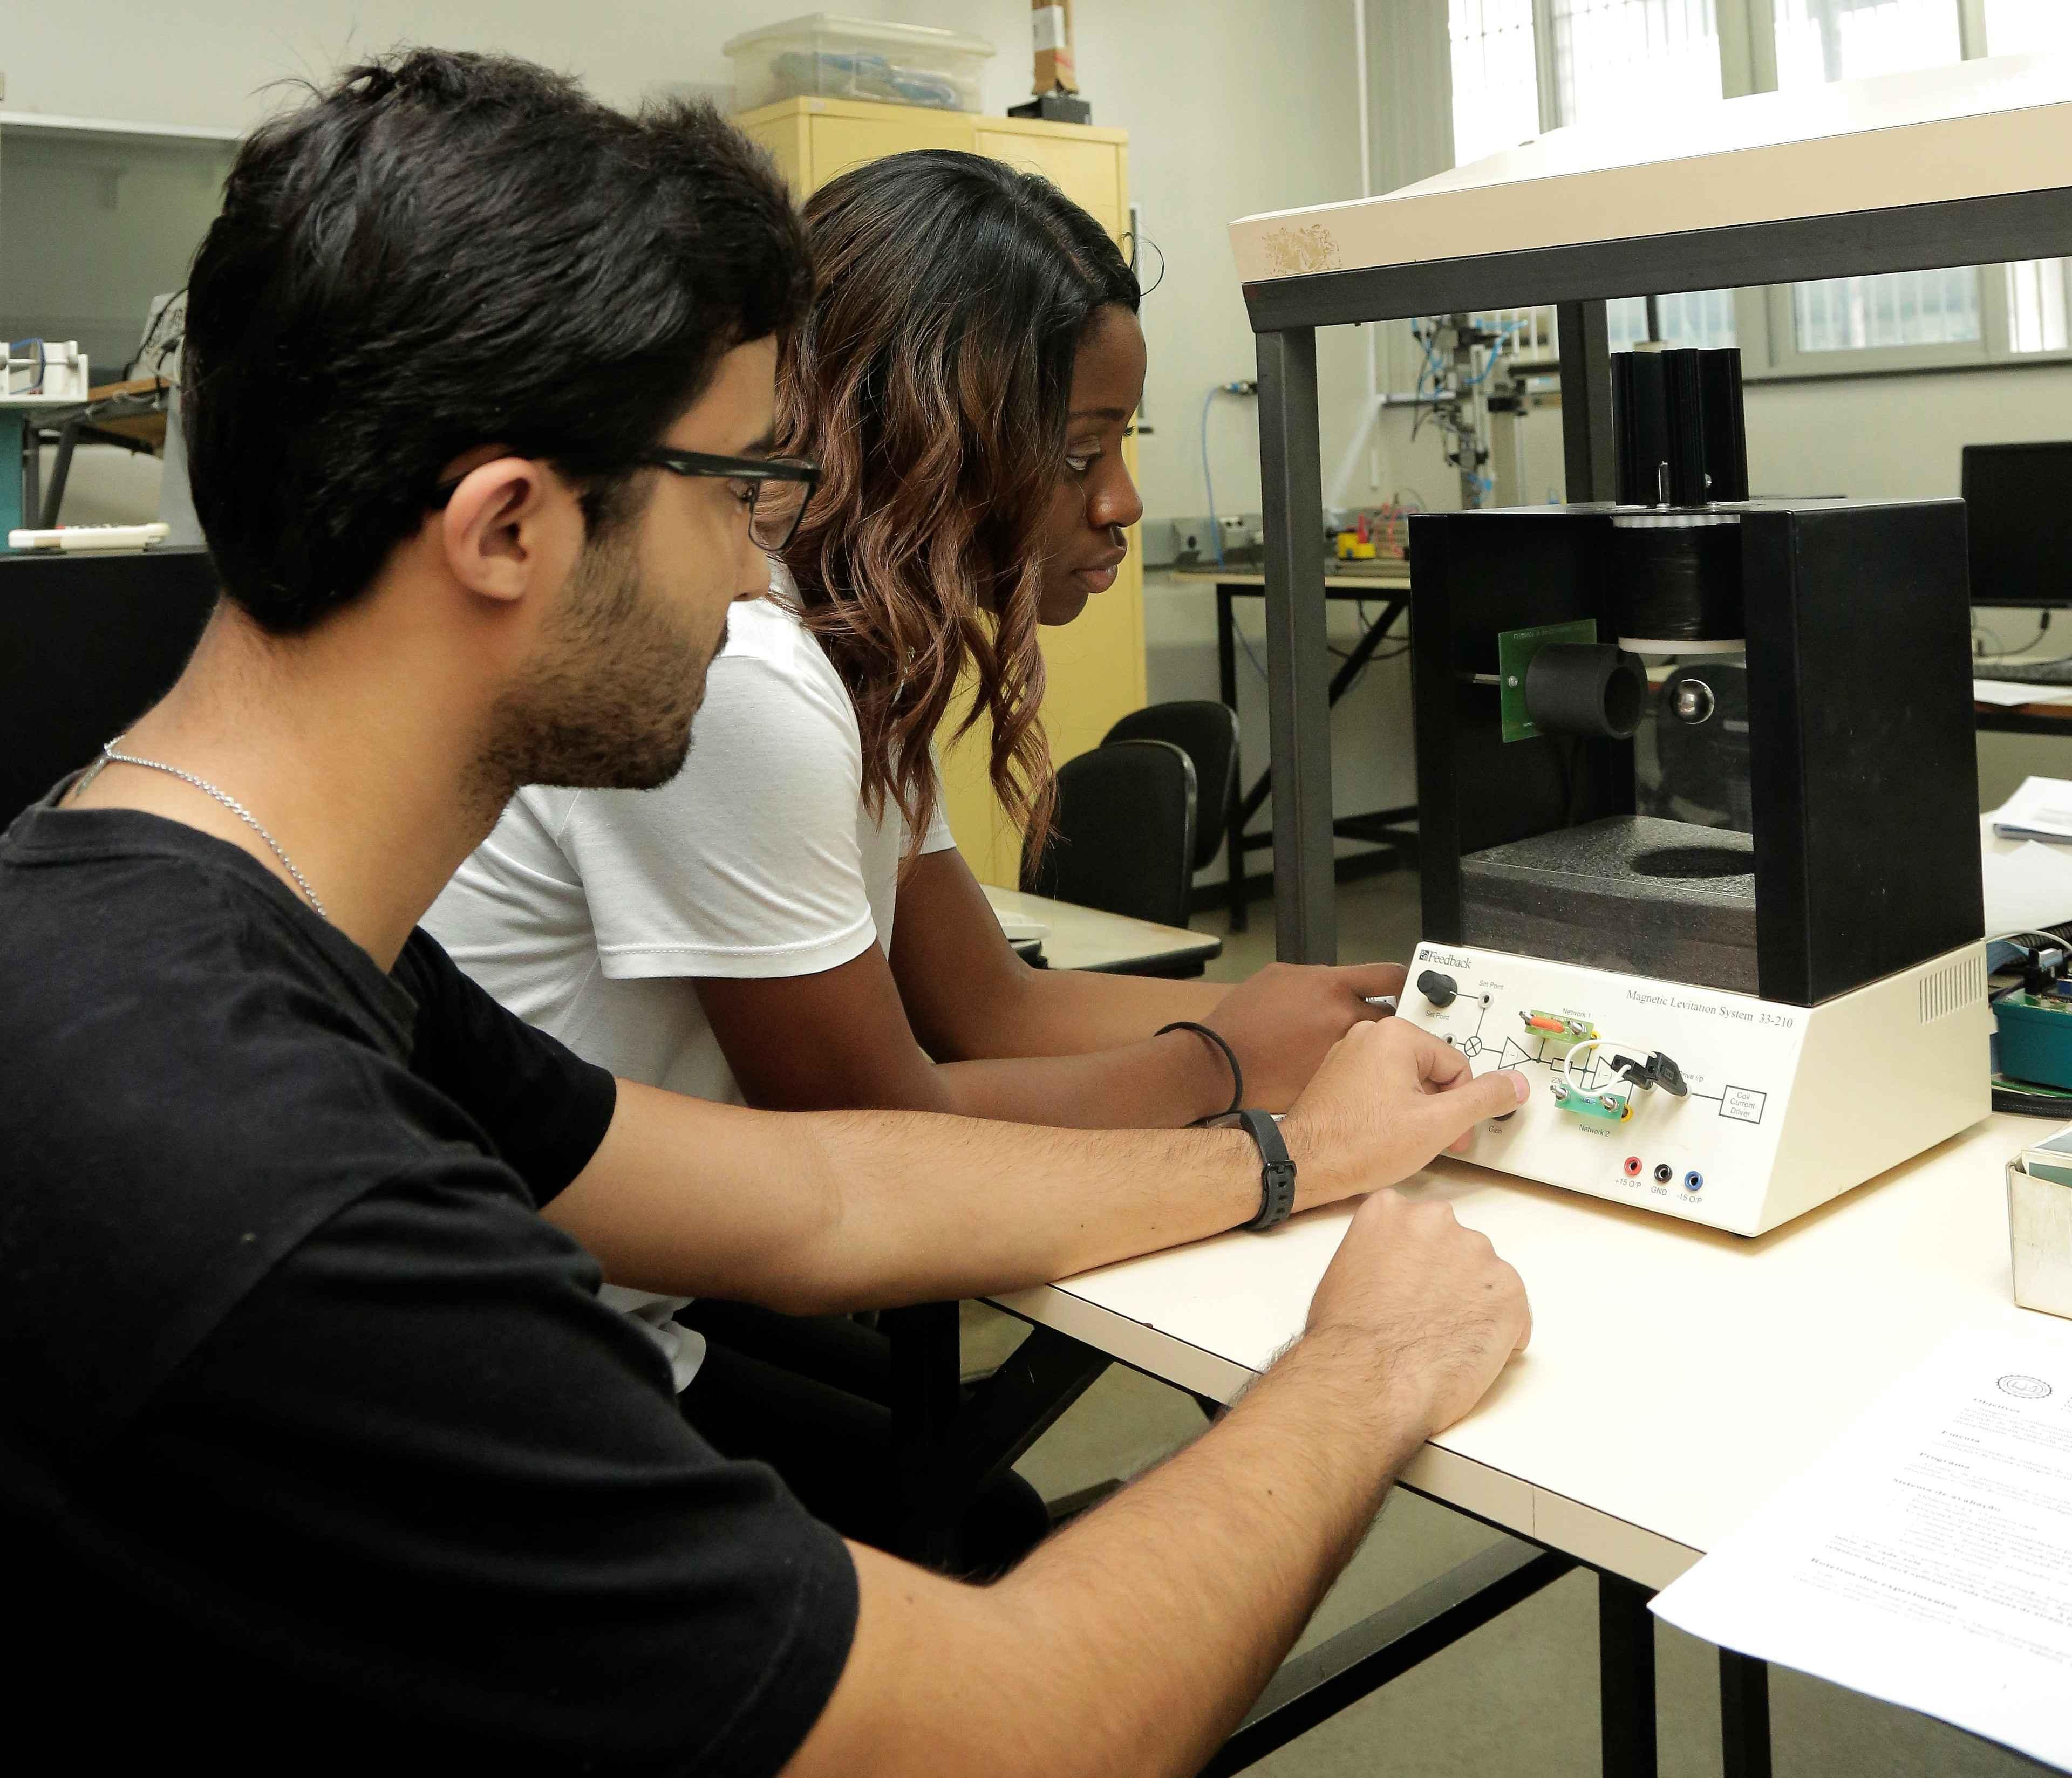 Estudantes de graduação no Laboratório de Controle e Automação da Escola de Engenharia: normas afetam rotina acadêmica